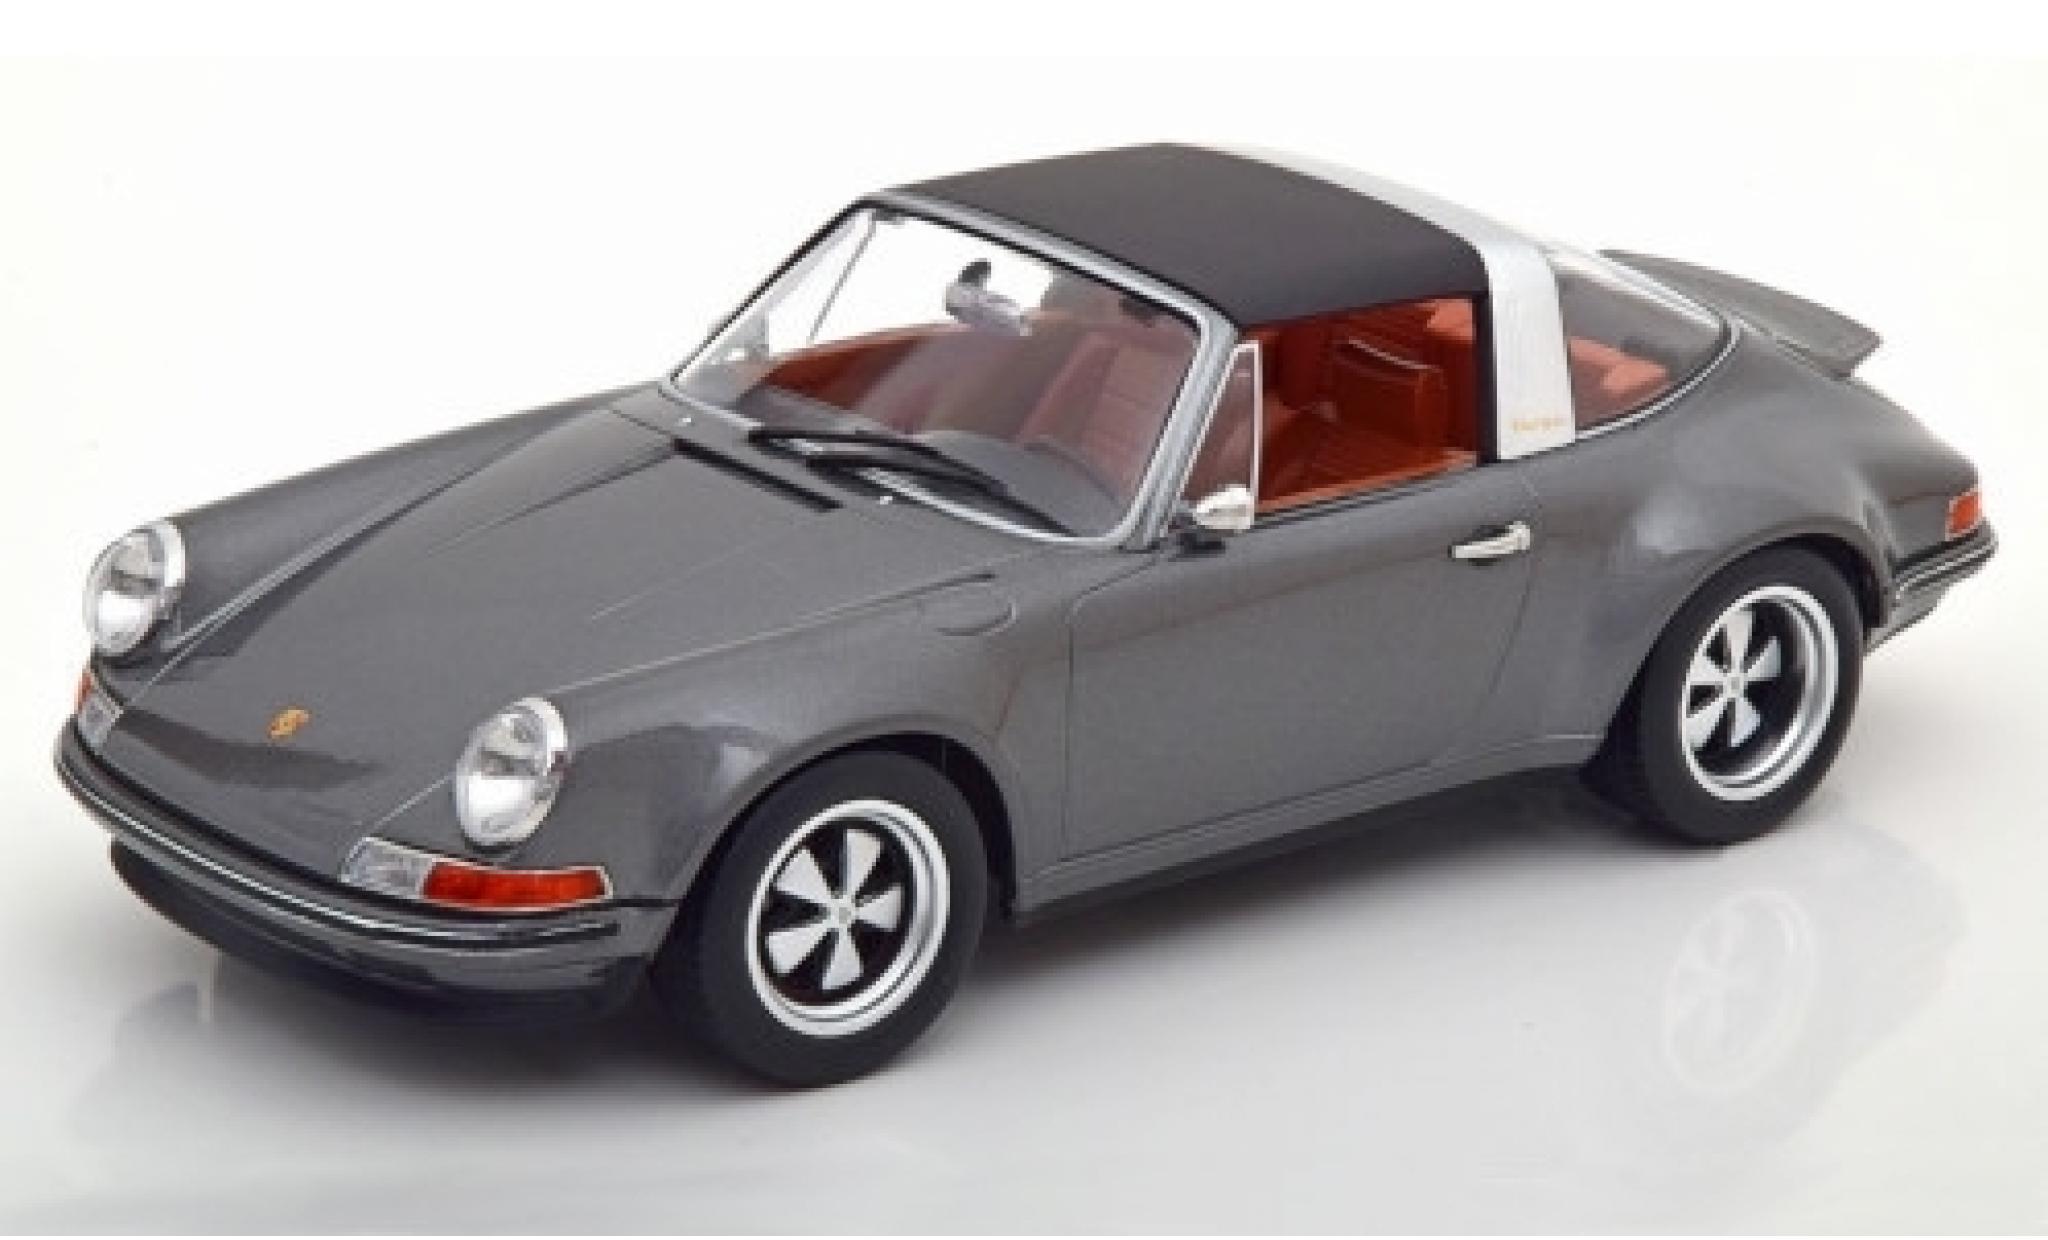 Porsche 911 1/18 KK Scale Targa Singer anthrazit Targadach détachable